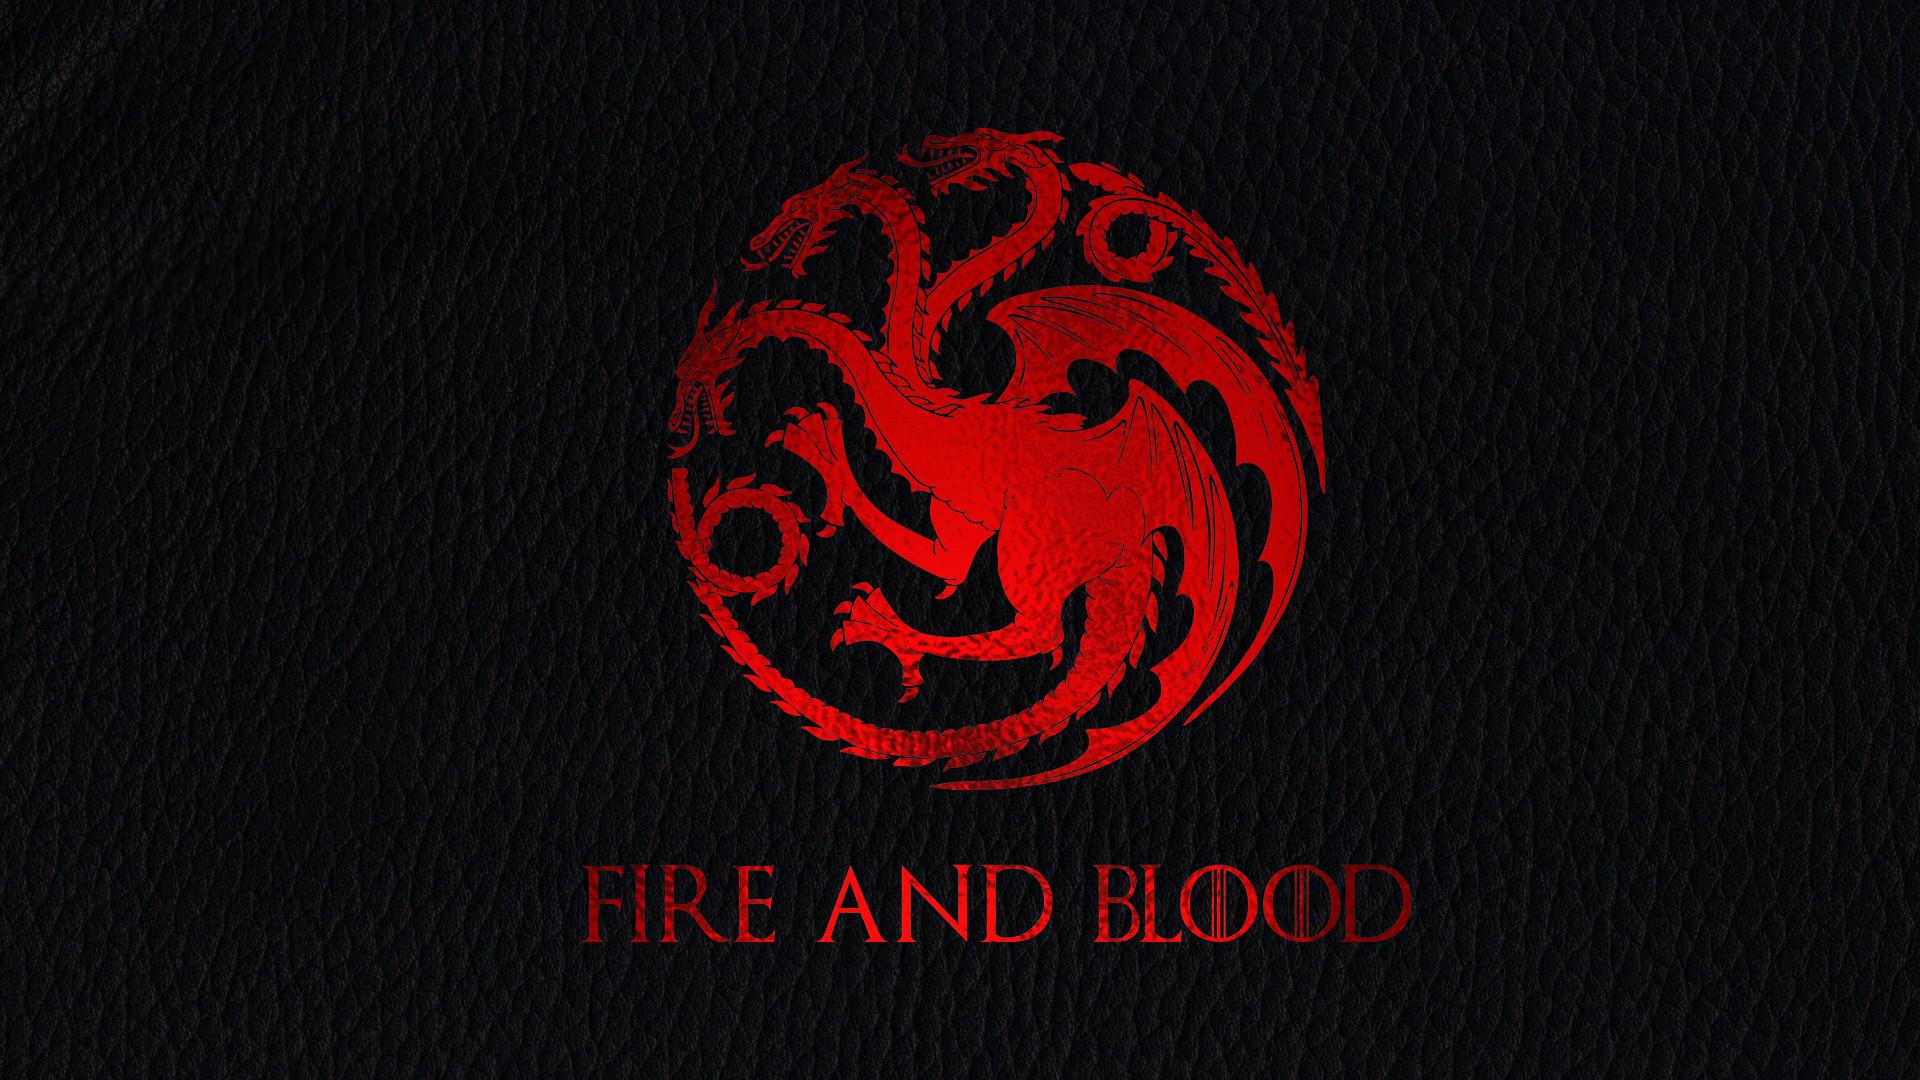 Targaryen Sigil Wallpaper 71 images 1920x1080